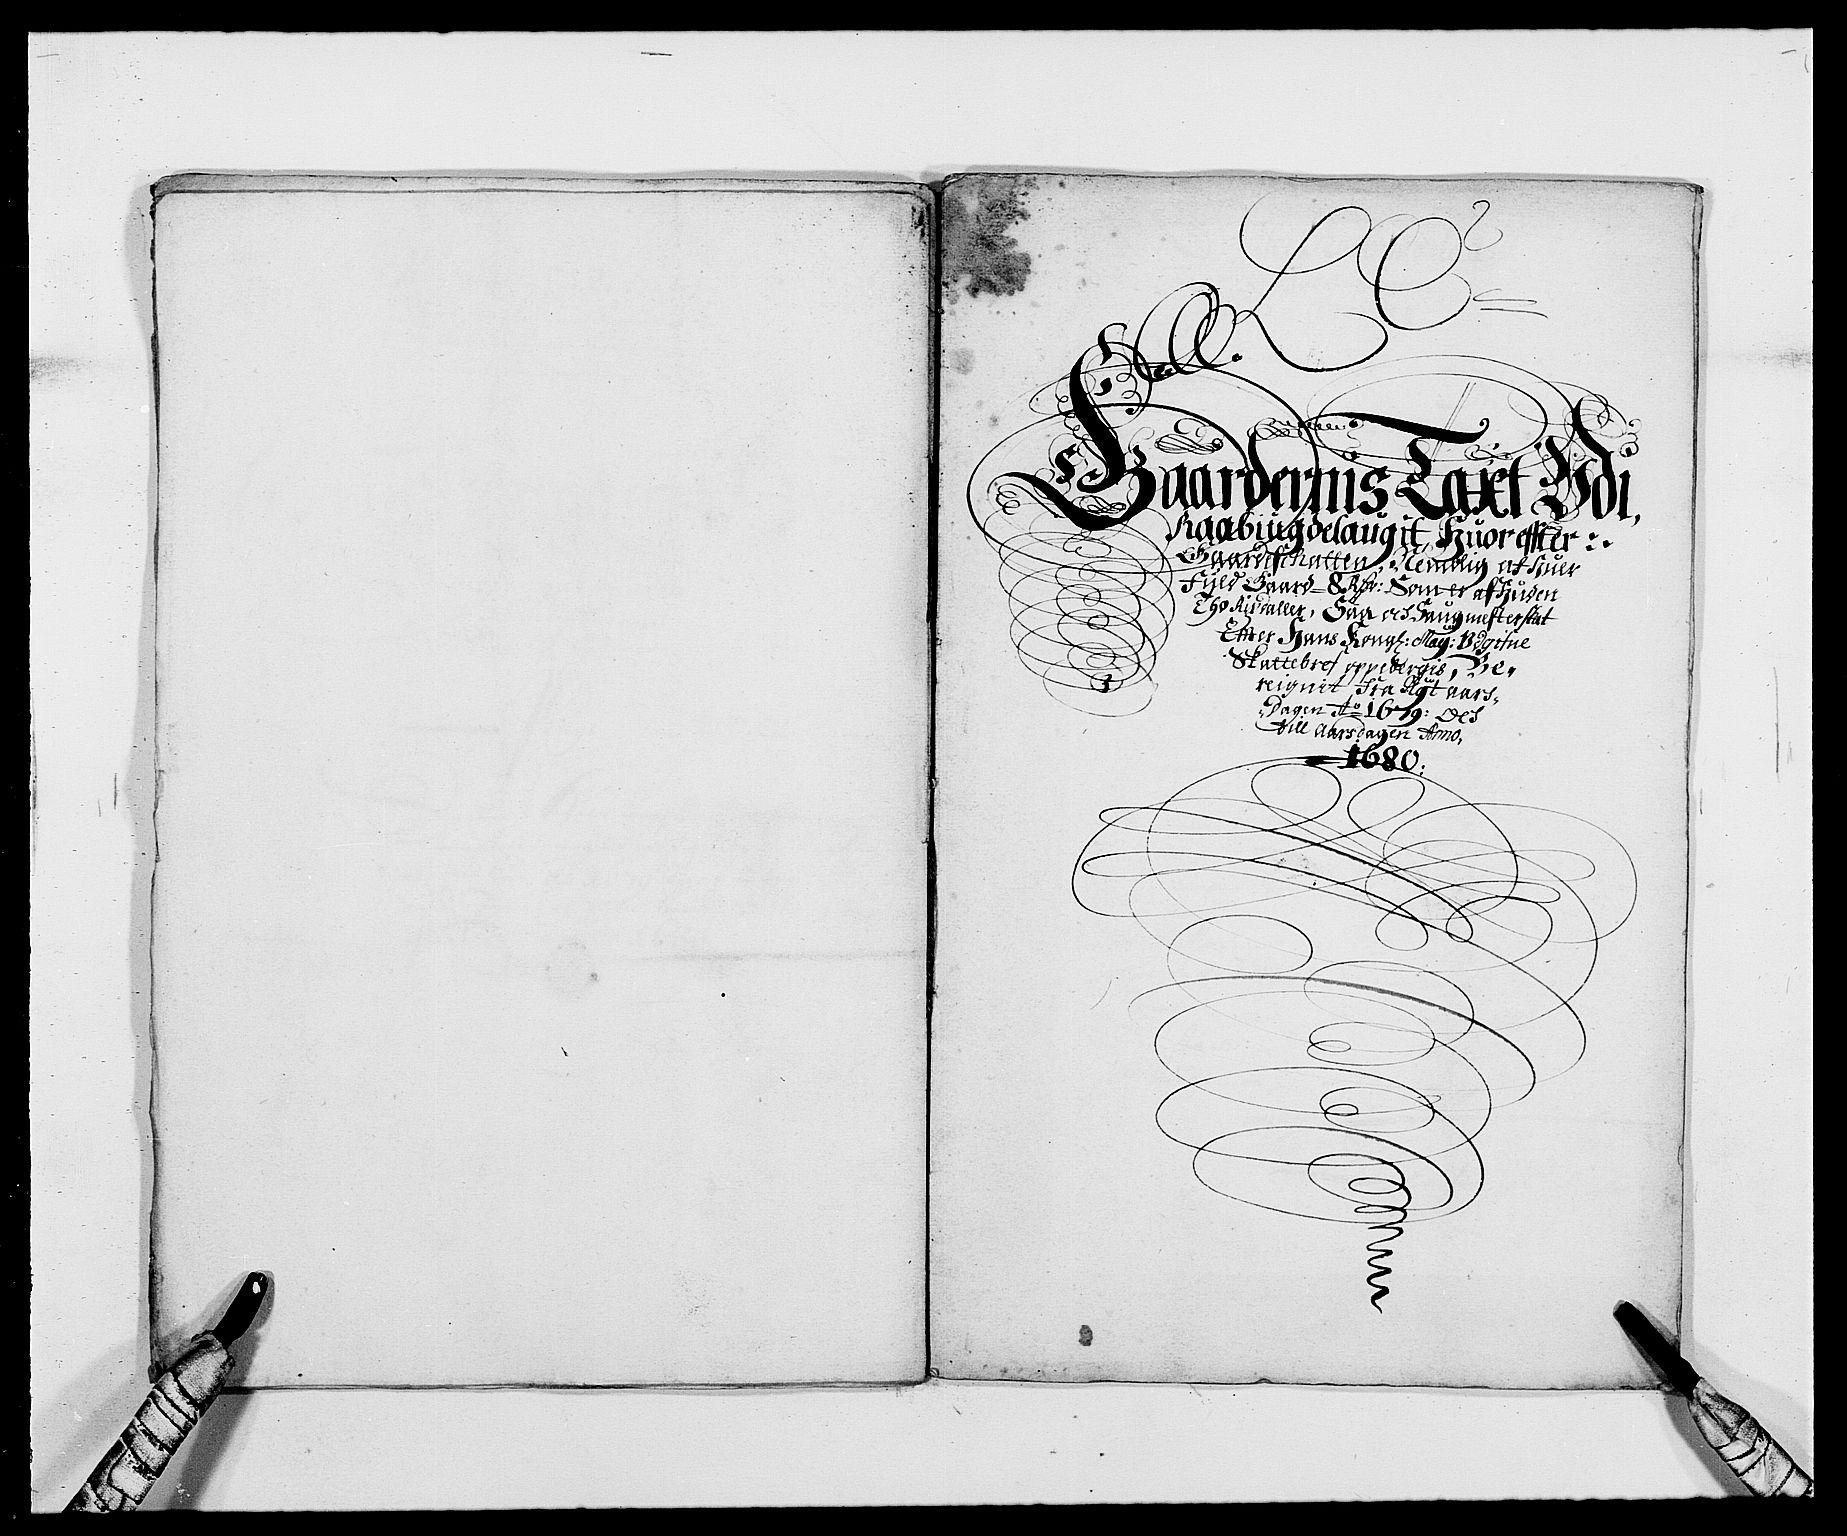 RA, Rentekammeret inntil 1814, Reviderte regnskaper, Fogderegnskap, R40/L2436: Fogderegnskap Råbyggelag, 1679-1680, s. 15